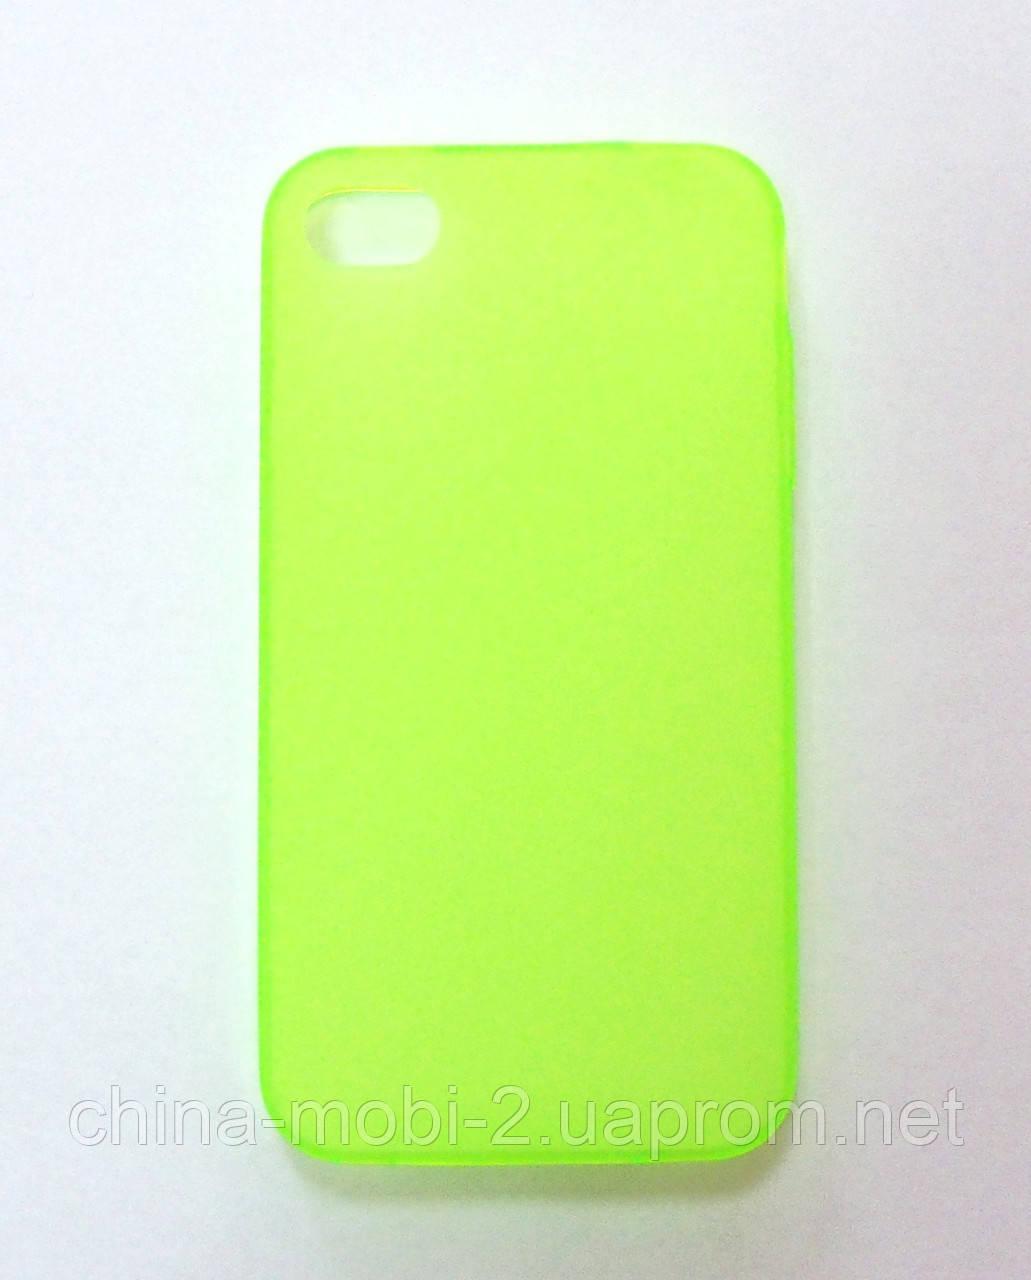 Силиконовый чехол iPhone 4 green